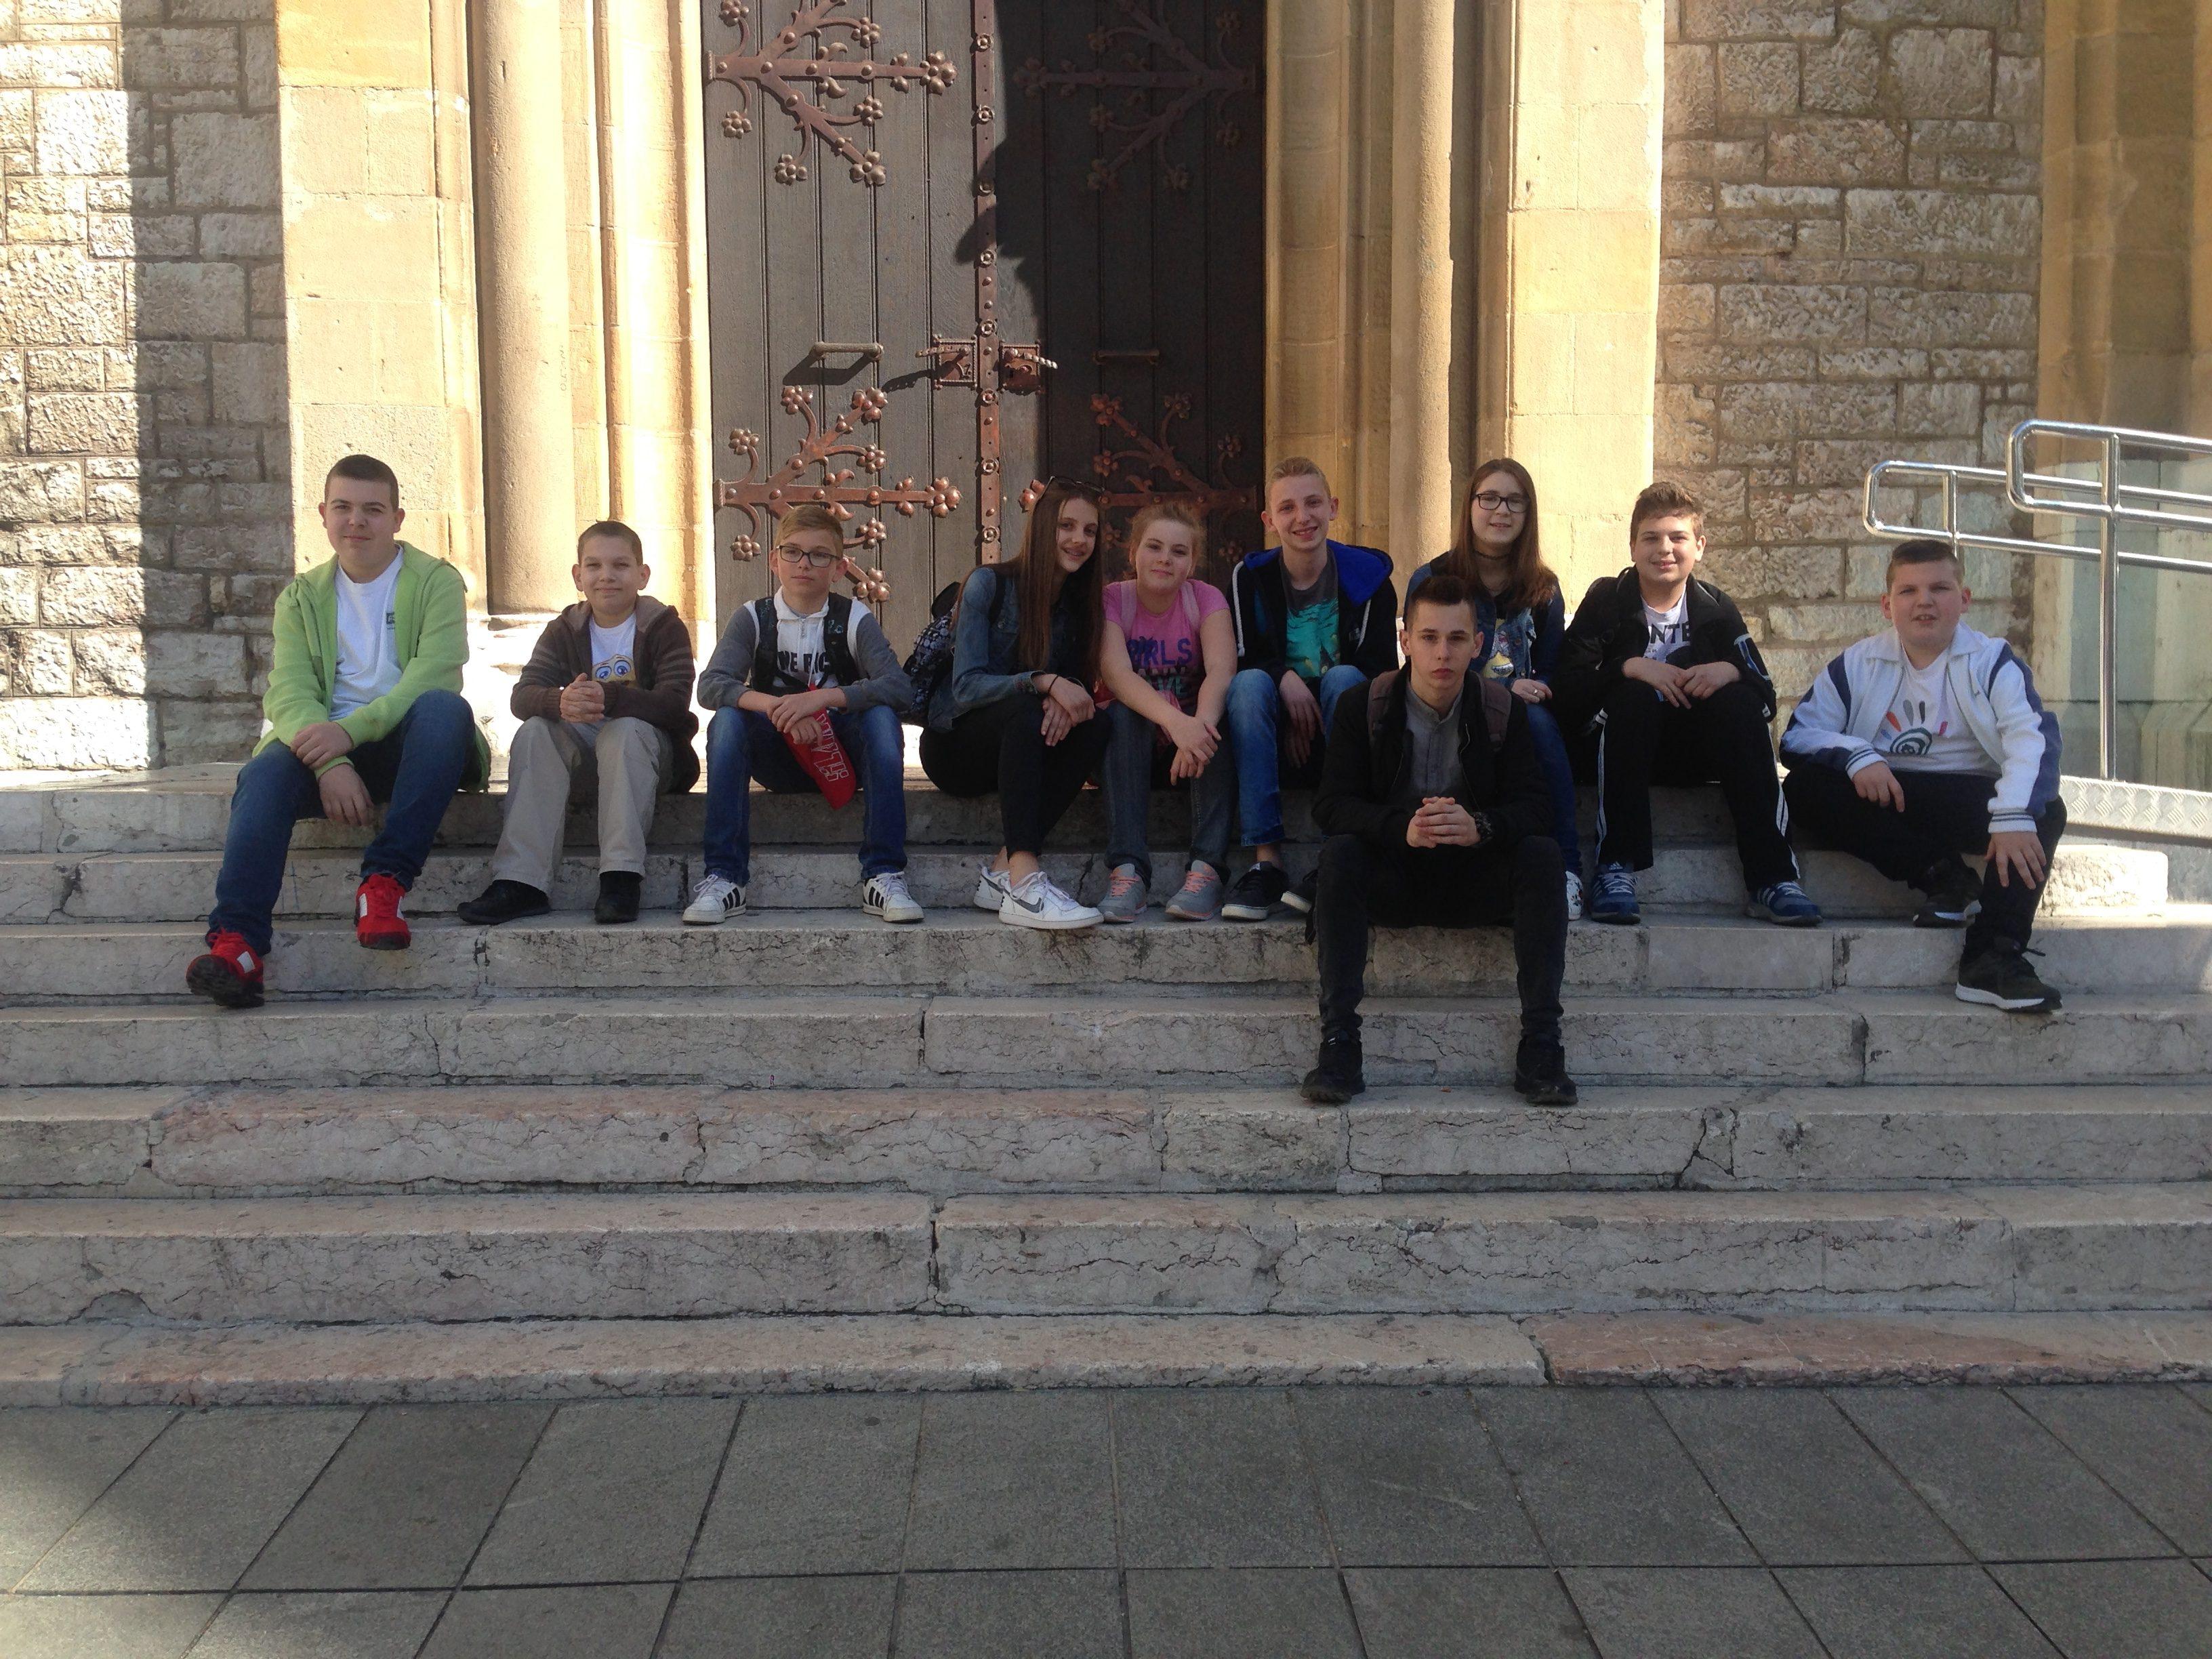 Na XXI. ministrantskim susretima Vrhbosanske nadbiskupije ministranti župe Čajdraš osvojili drugo mjesto